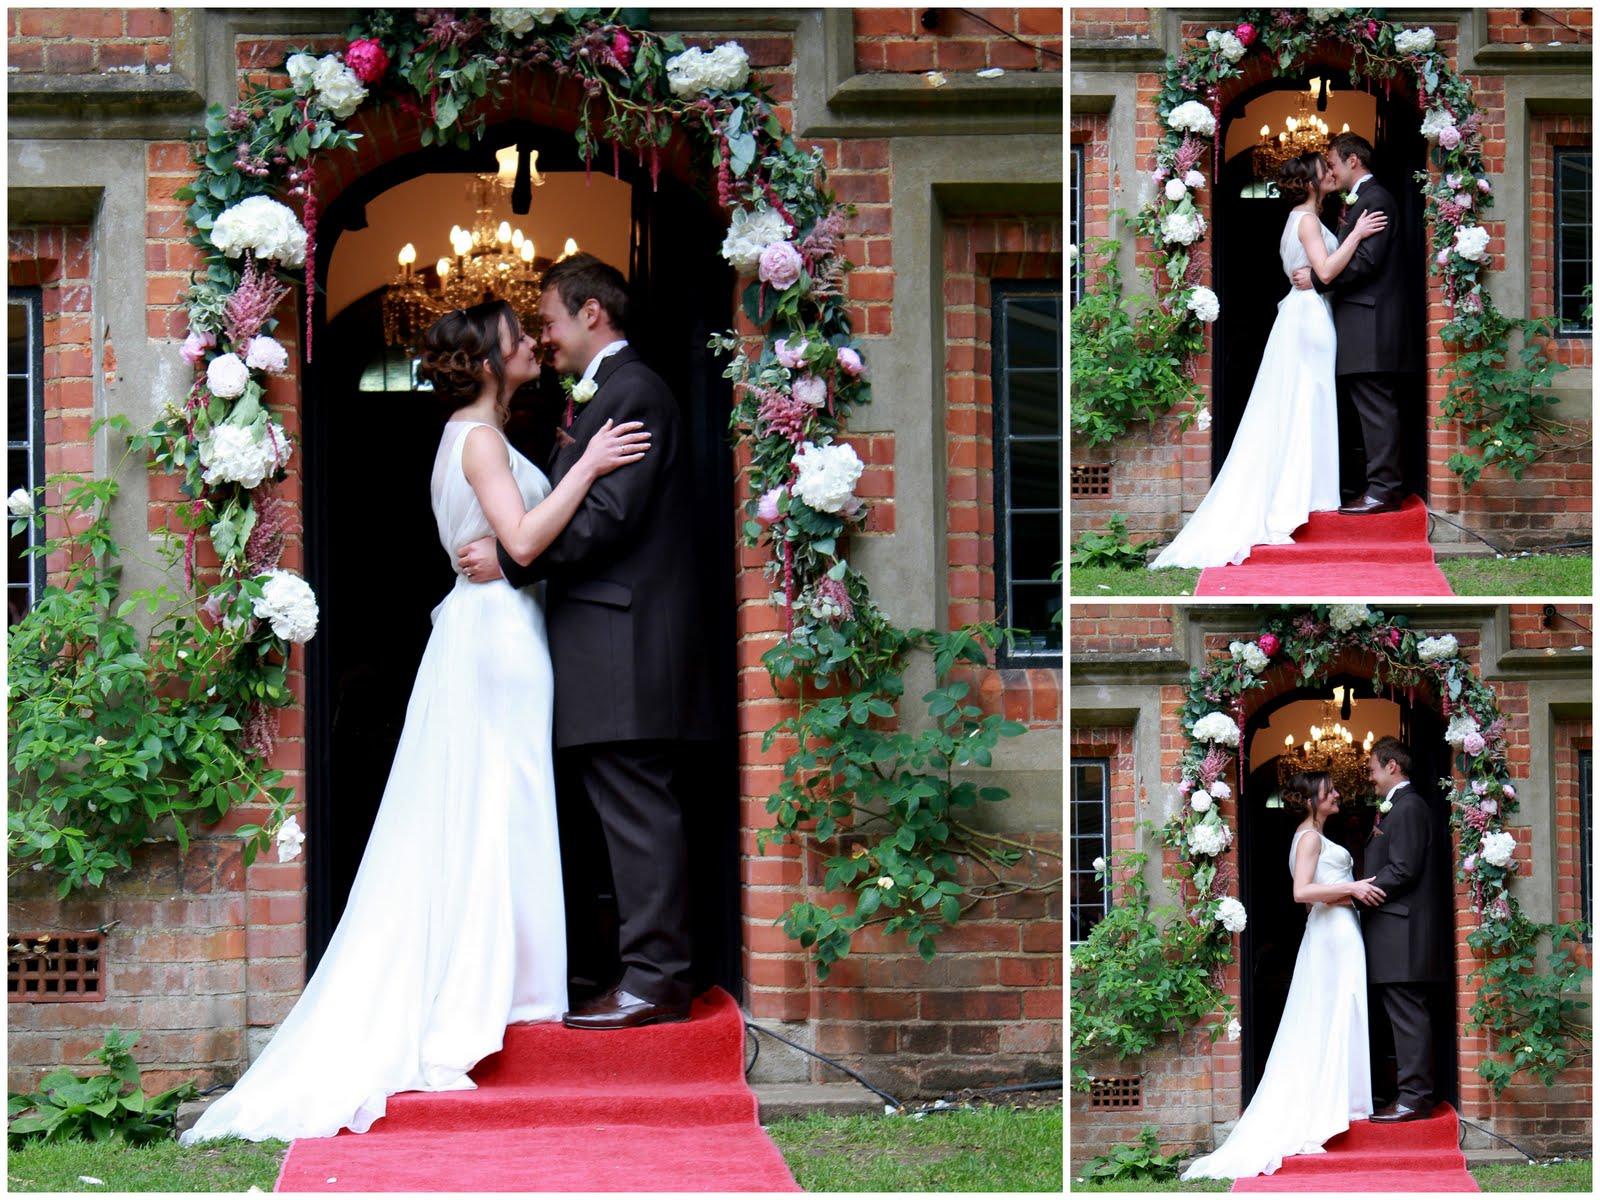 Coyea's Blog: Fall Outdoor Wedding Ideas